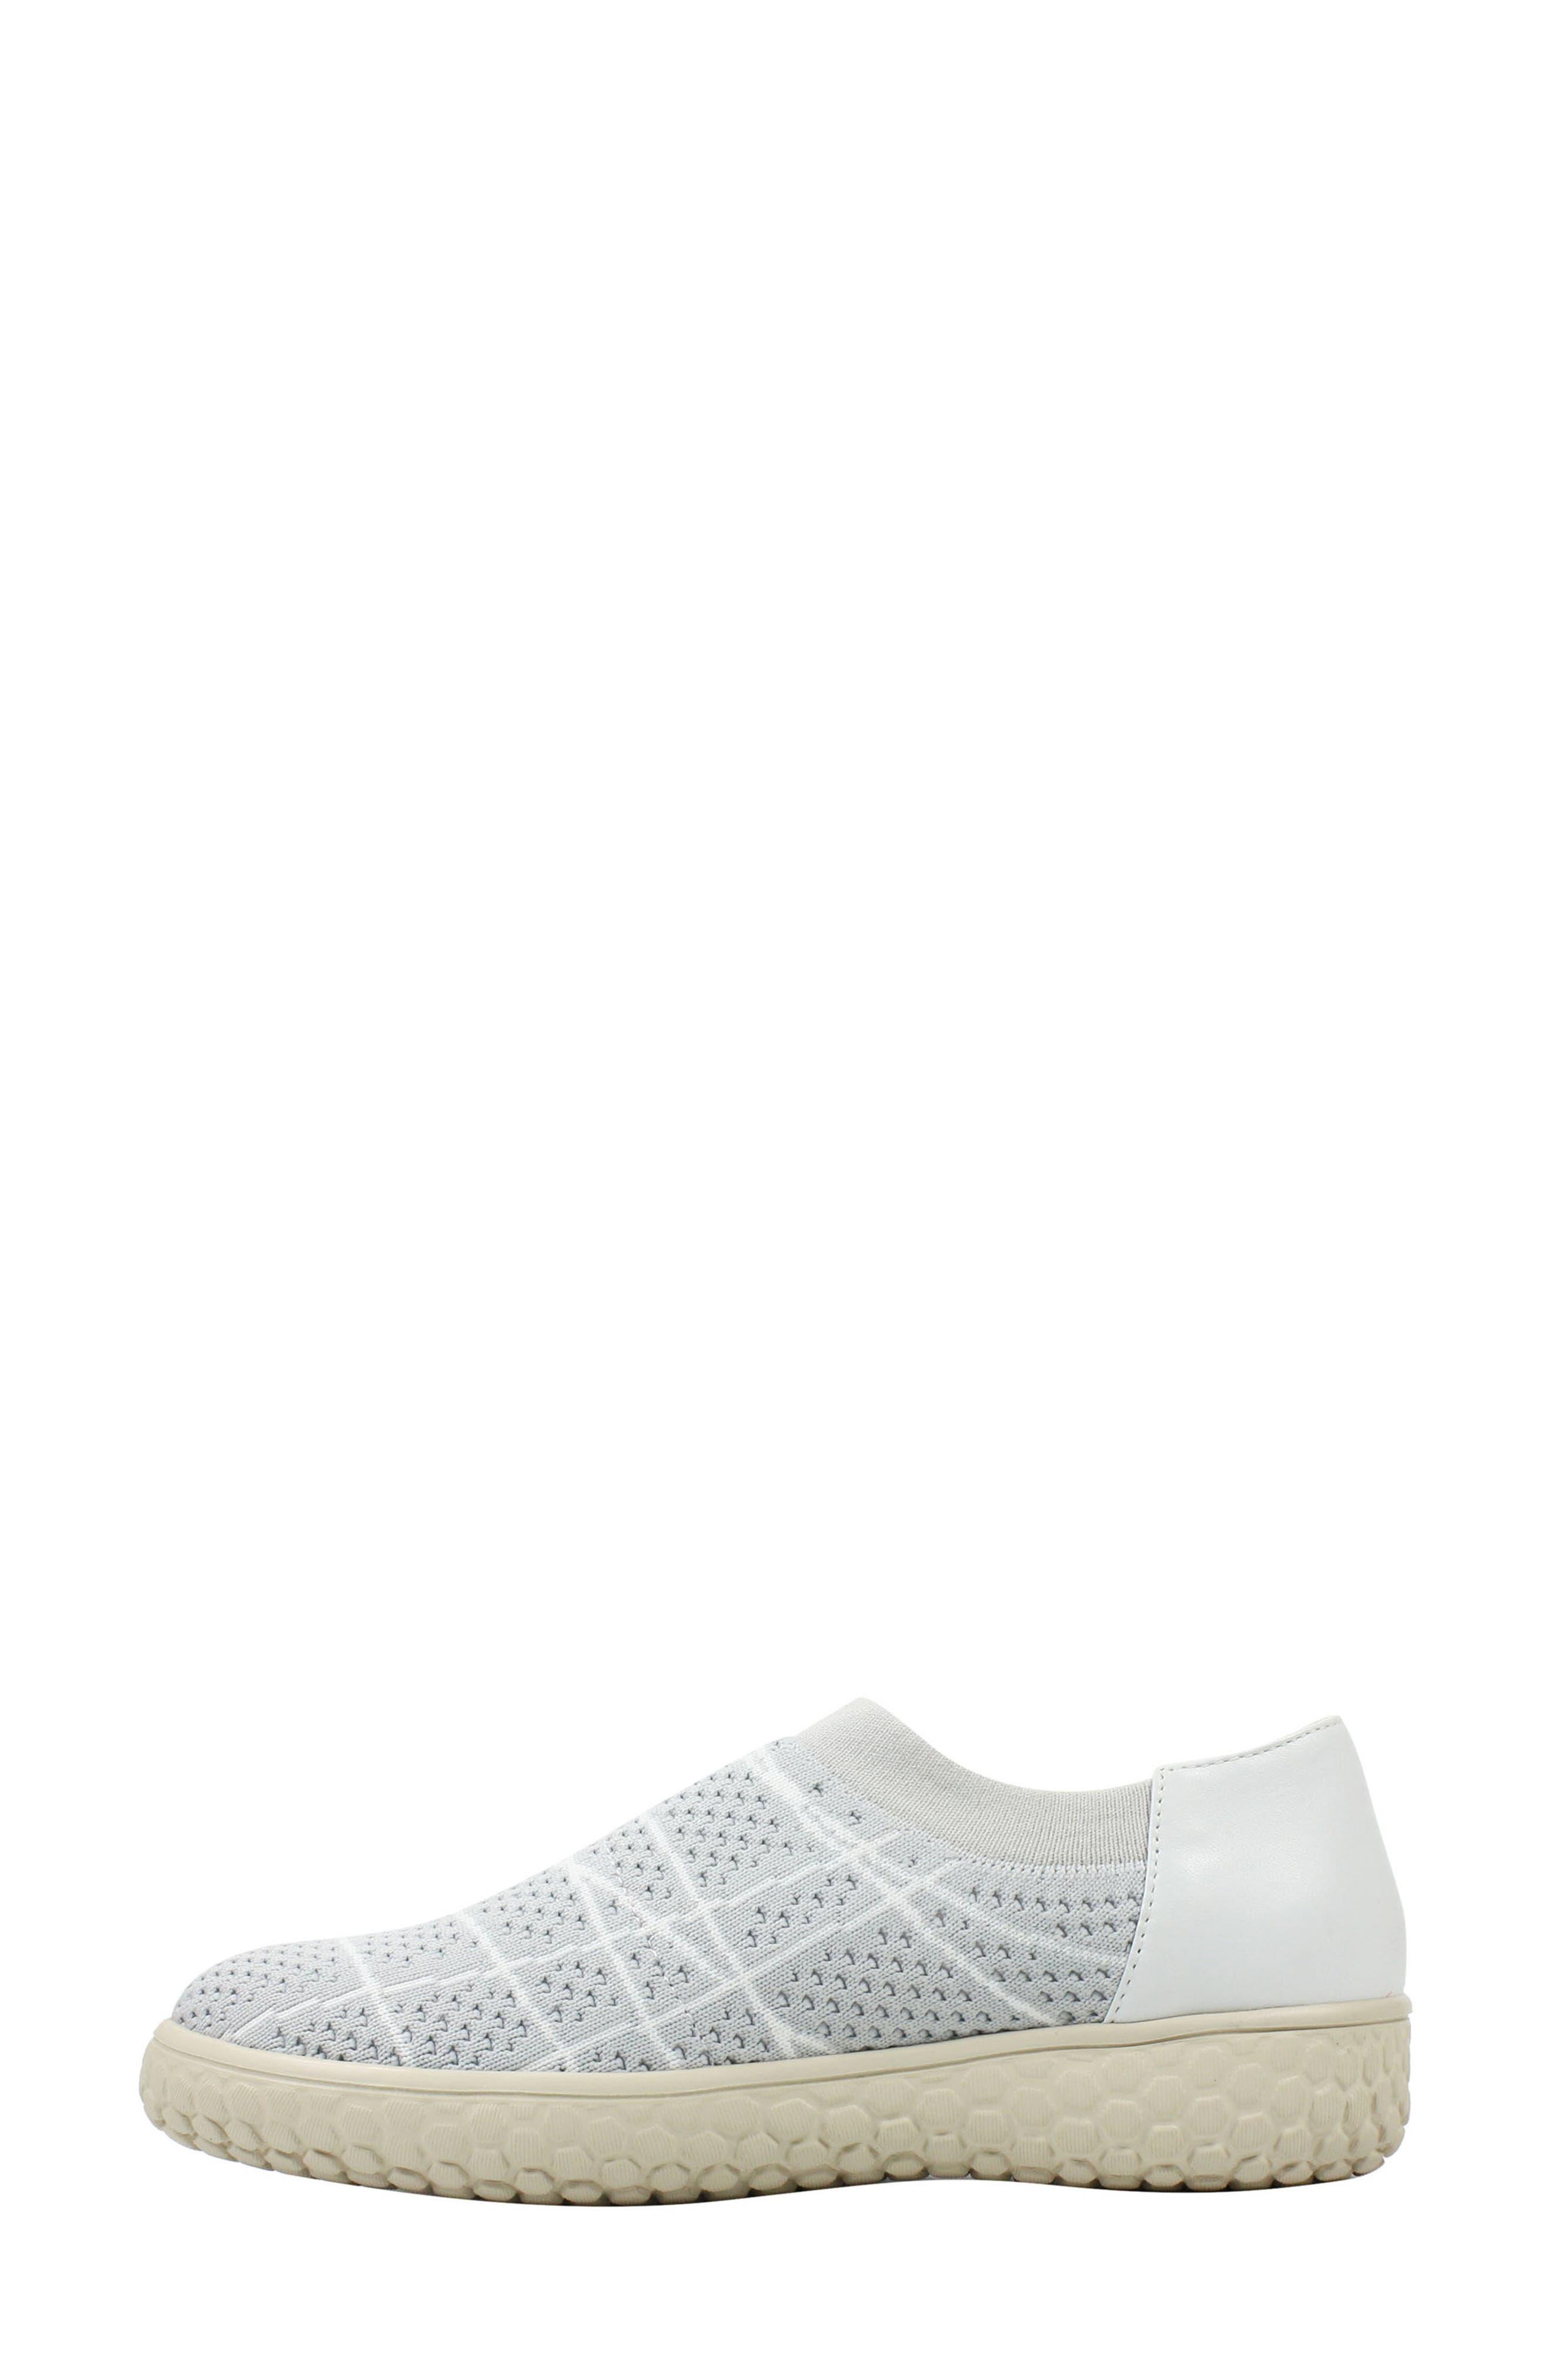 Zohndra Slip-On Sneaker,                             Alternate thumbnail 4, color,                             Beige Fabric